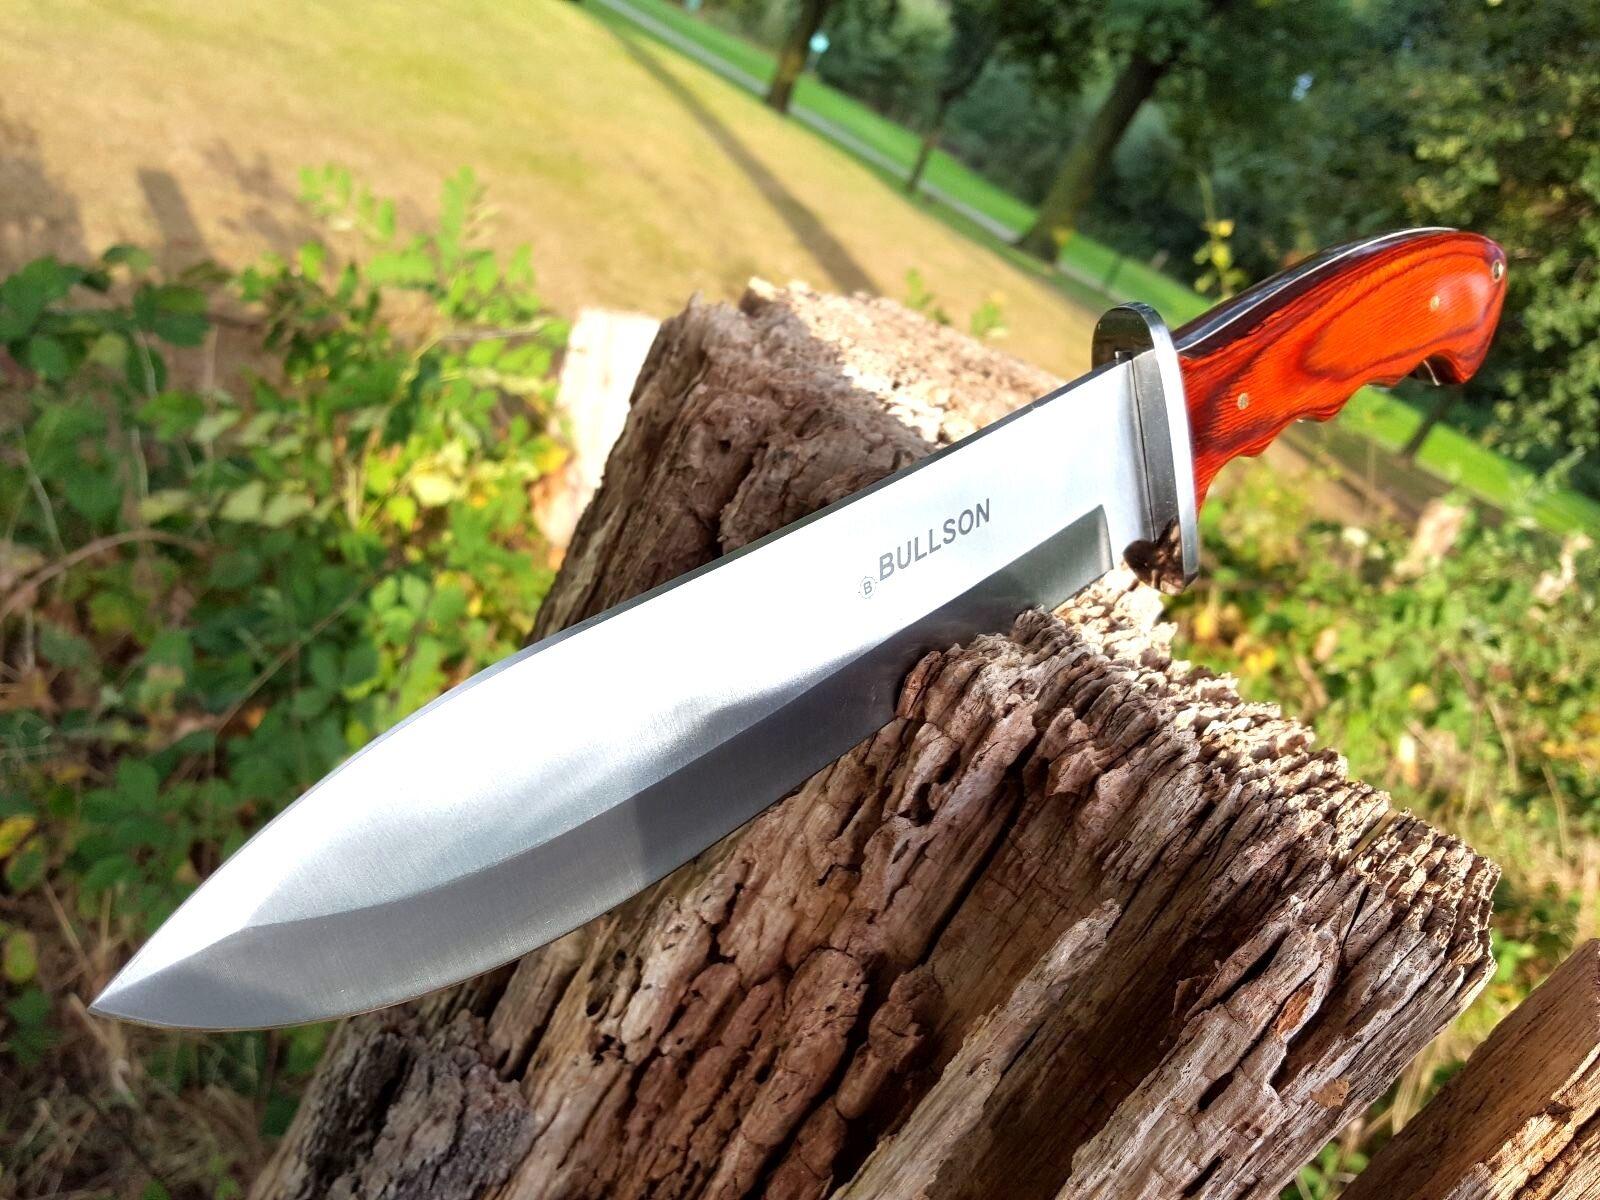 BULLSON JAGDMESSER BOWIE KNIFE BUSCHMESSER MACHETE MACHETTE MACETE MESSER red